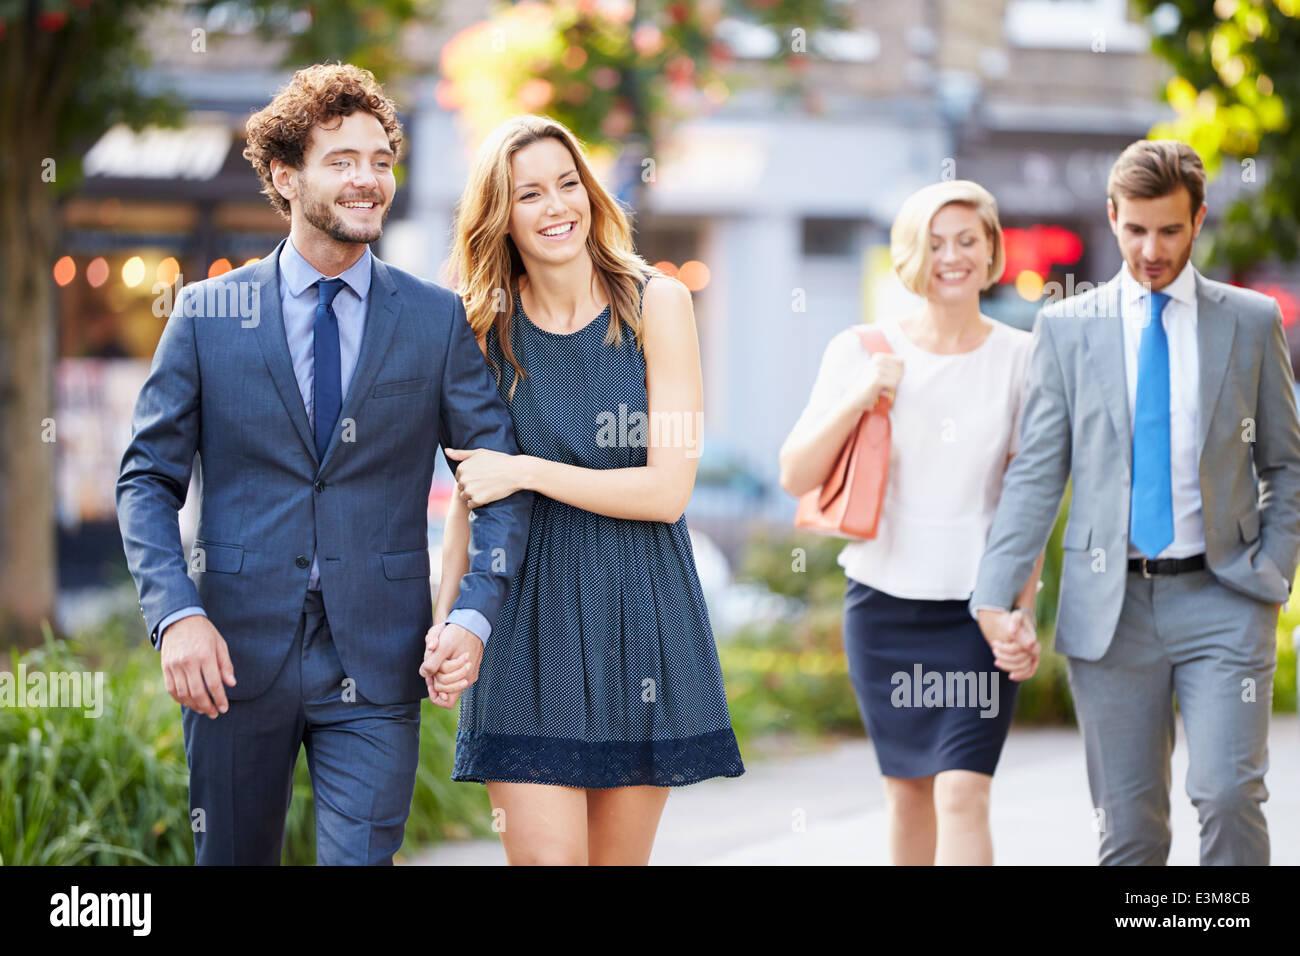 Les jeunes couples d'affaires marche à travers le parc de la ville Ensemble Photo Stock